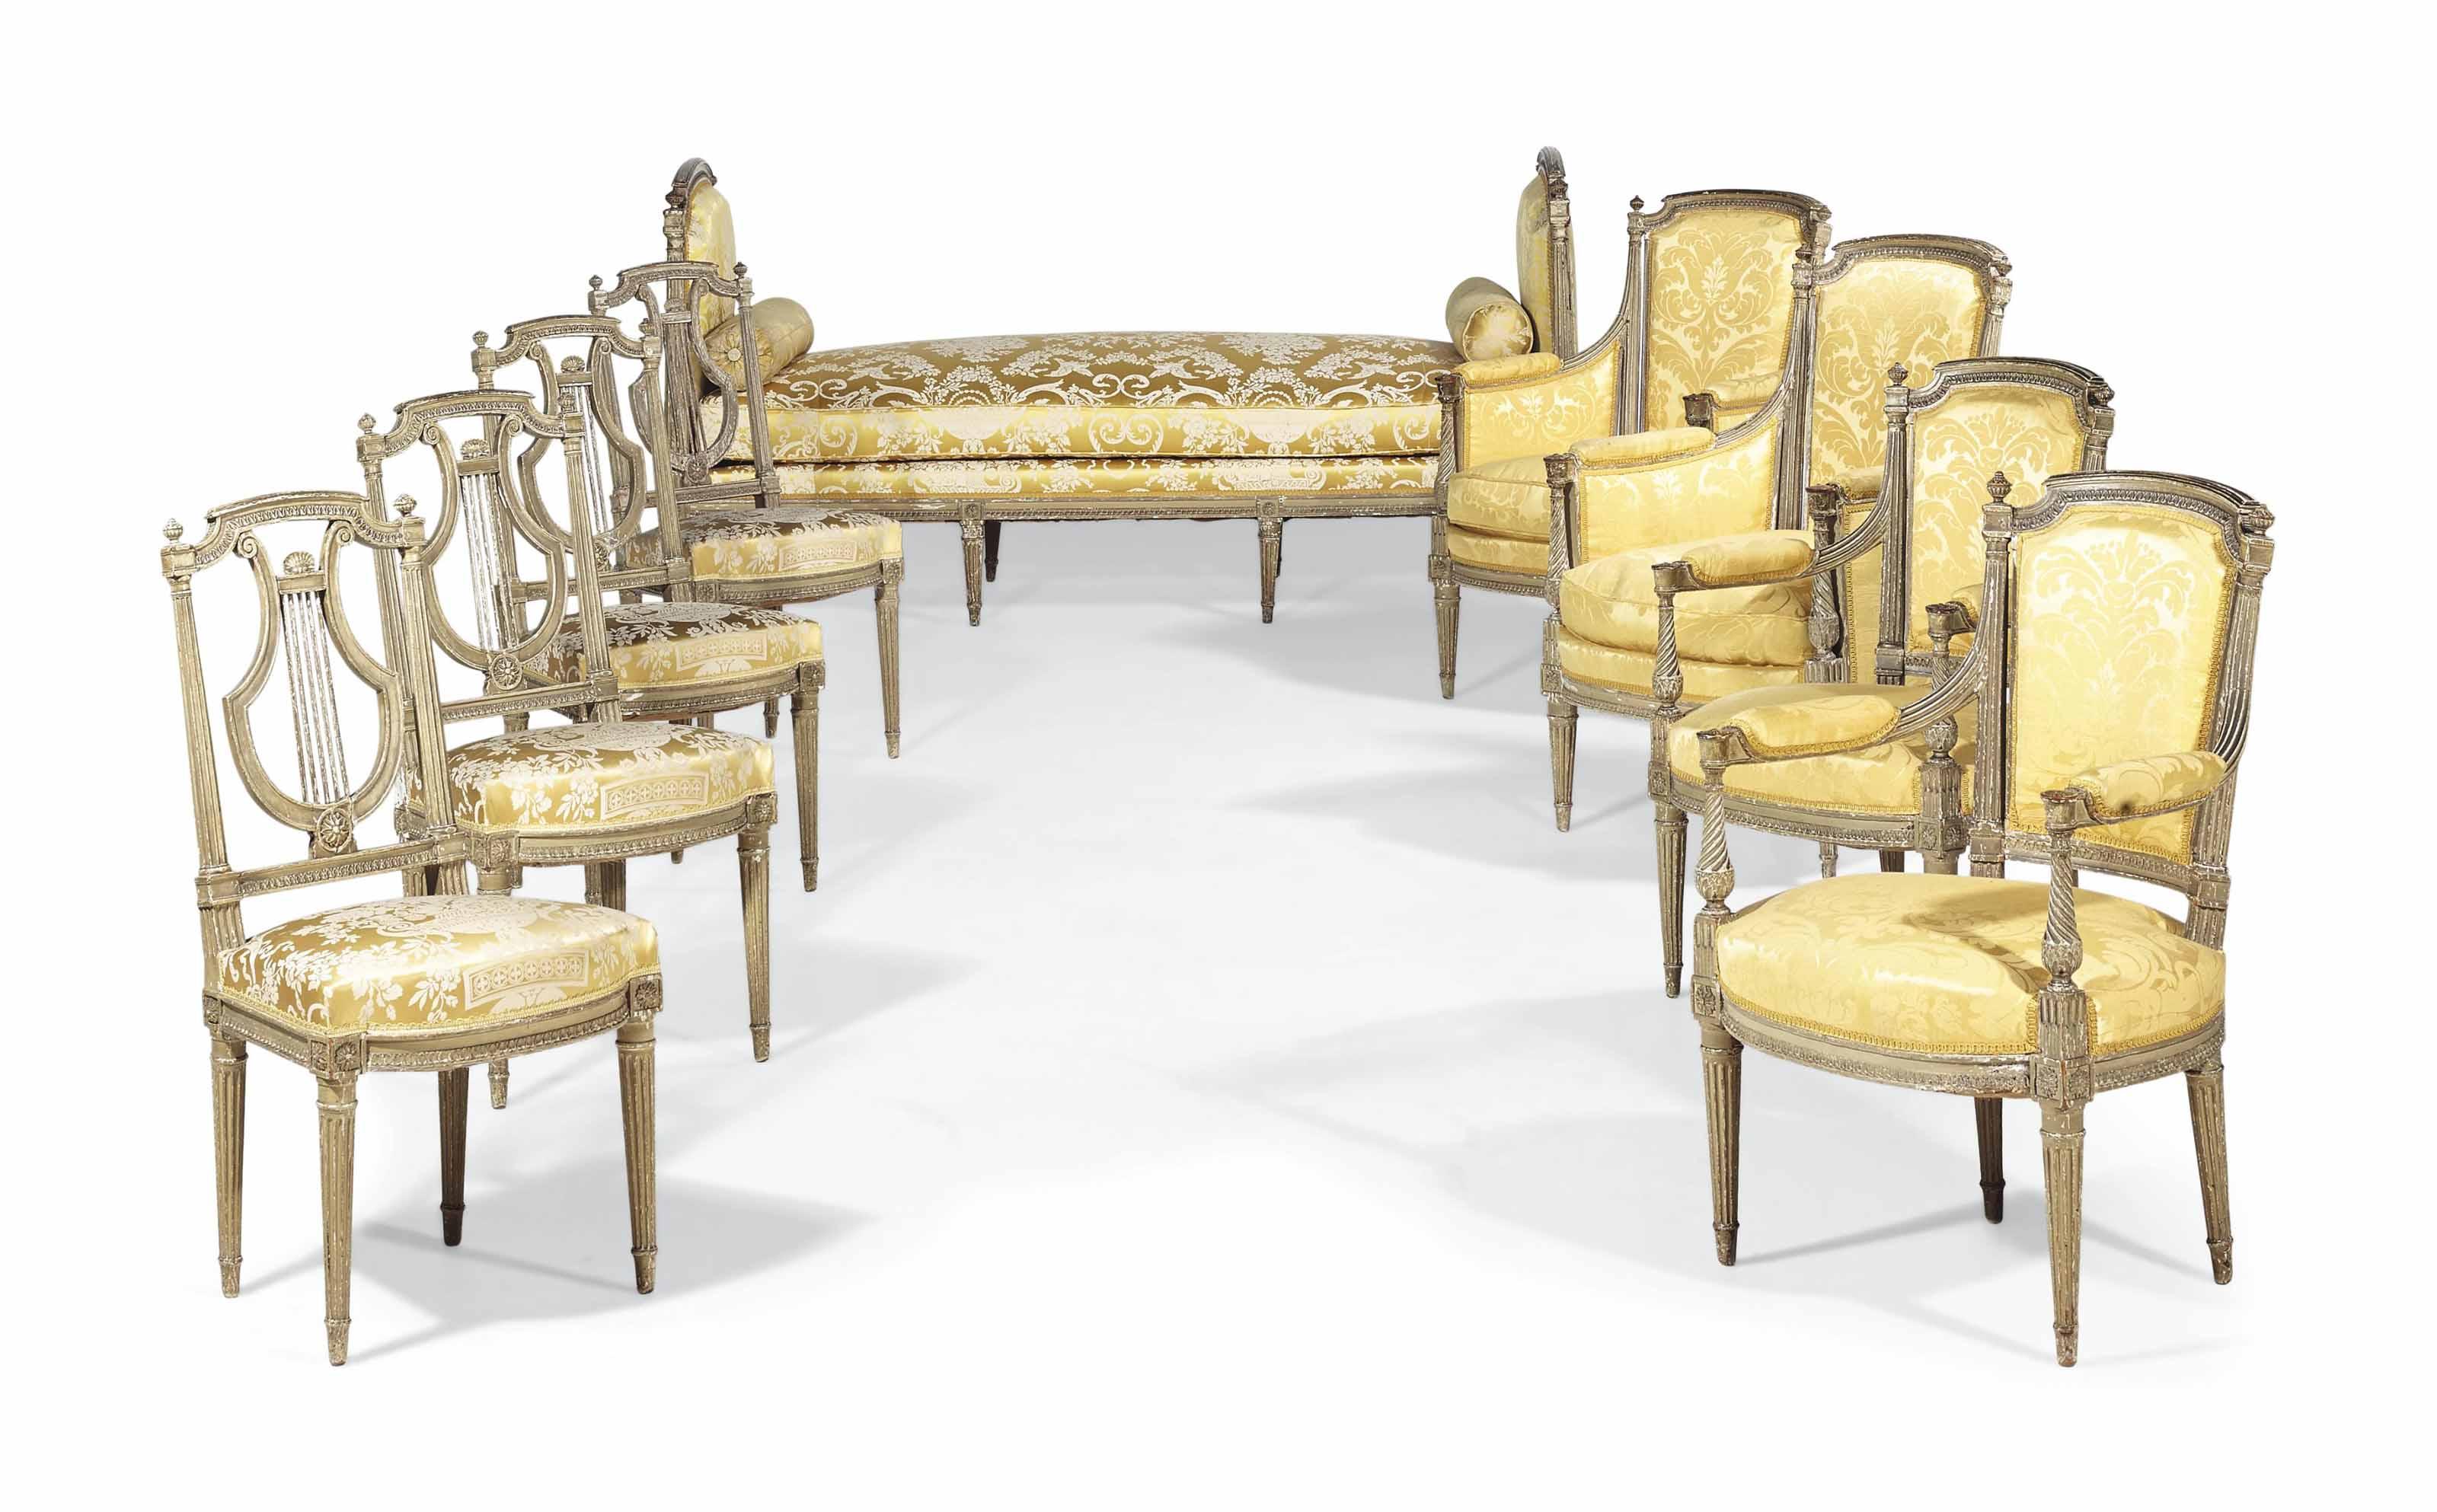 mobilier de salon en cabriolet d 39 epoque directoire fin du xviiieme siecle christie 39 s. Black Bedroom Furniture Sets. Home Design Ideas